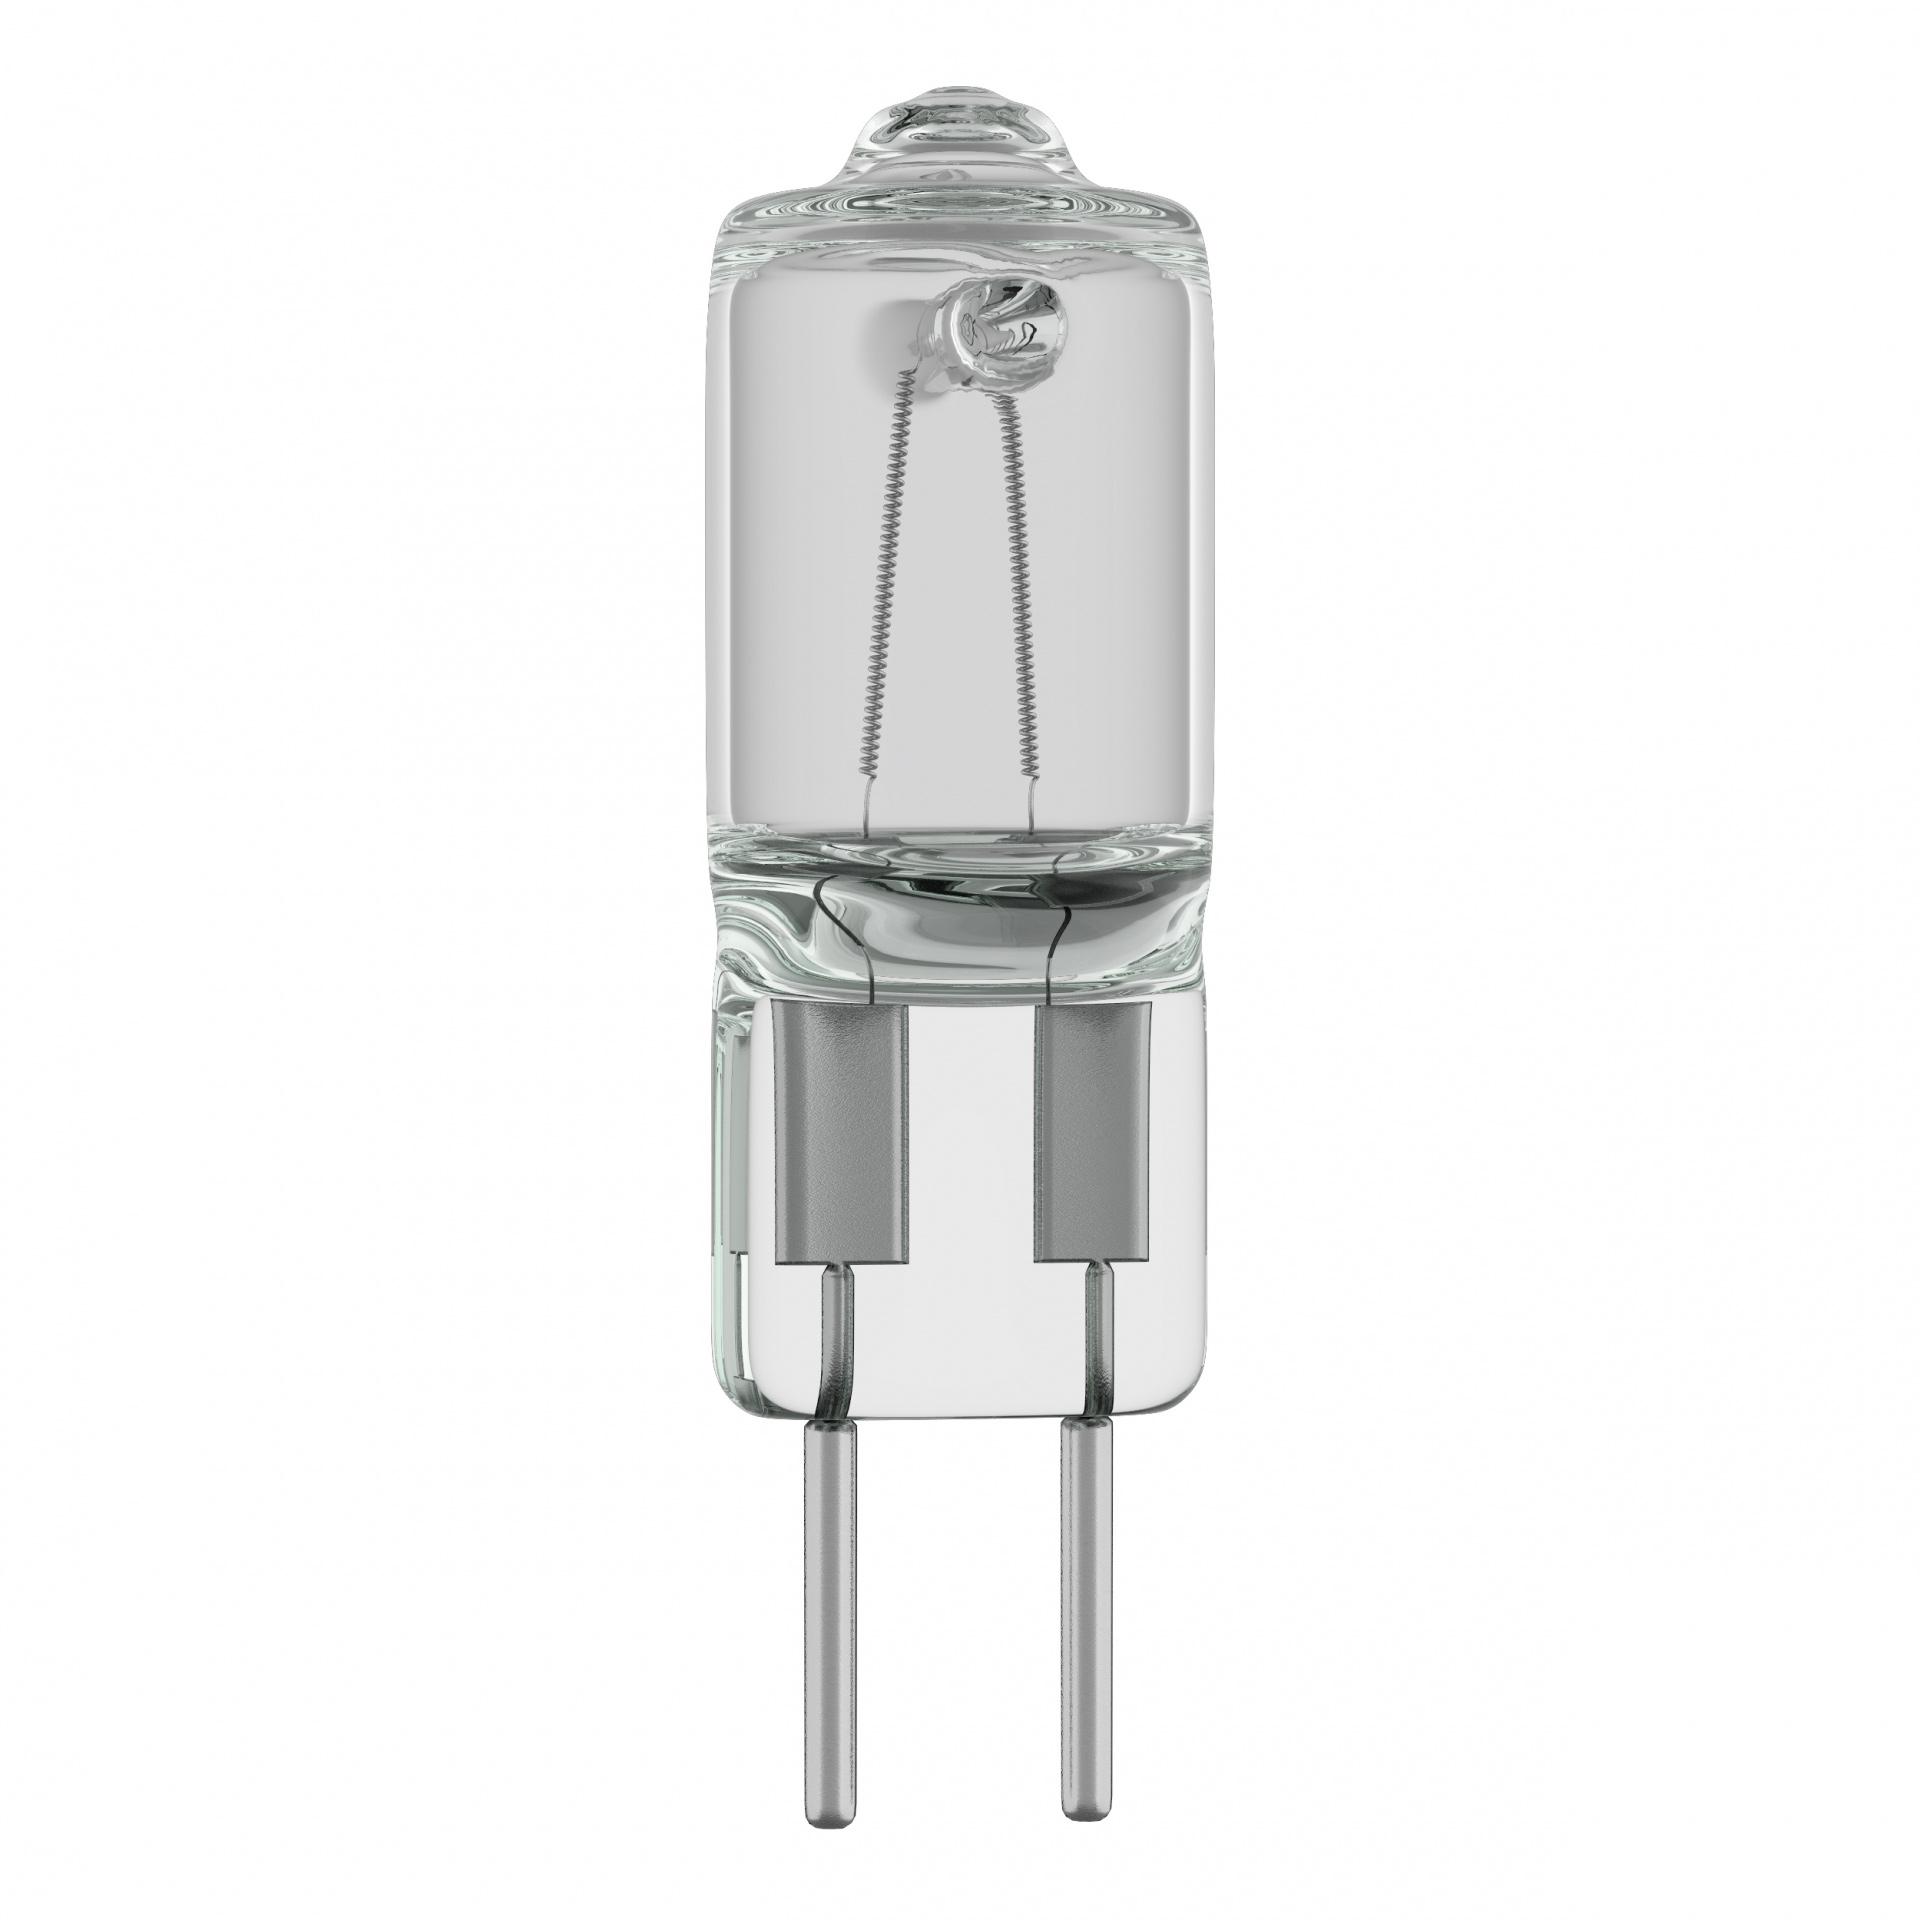 Лампа HAL 220V JC G5.3 35W CL RA100 2800K 2000H DIMM Lightstar 922028, купить в СПб, Москве, с доставкой, Санкт-Петербург, интернет-магазин люстр и светильников Starlight, фото в жизни